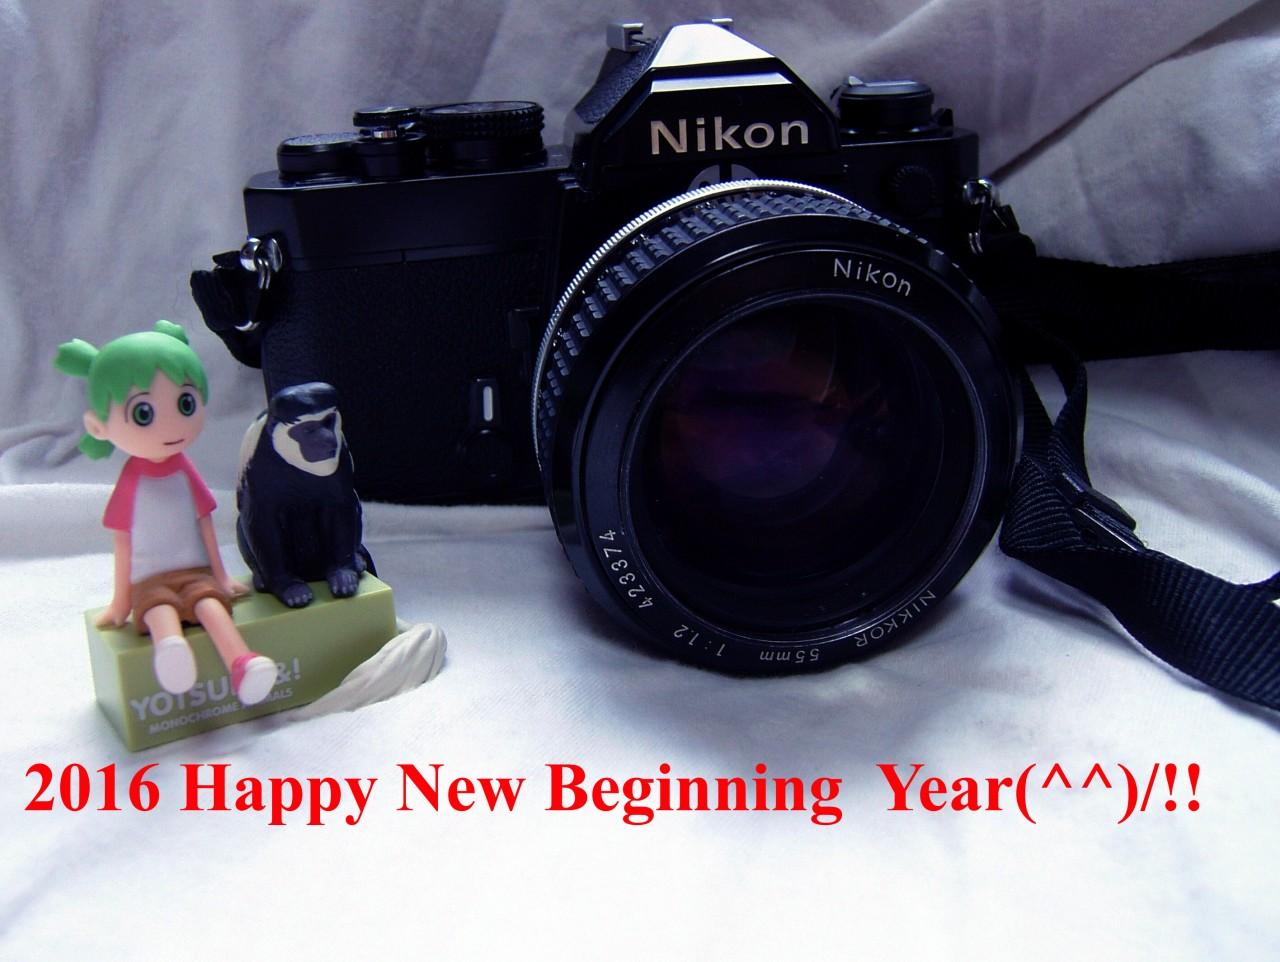 風来某さんが2016 謹賀新年の写真を投稿しました!